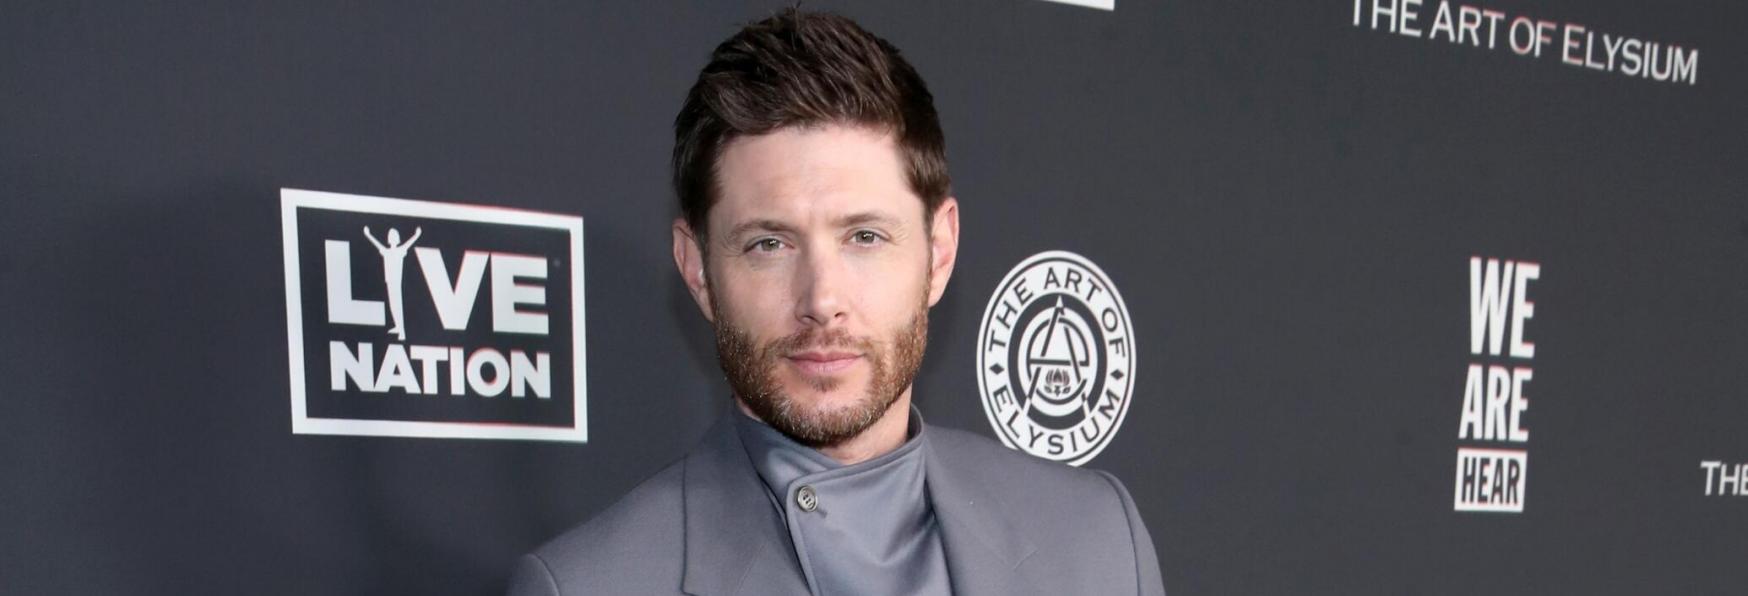 The Boys 3: La Star di Supernatural Jensen Ackles si unirà alla Nuova Stagione della Serie TV Amazon